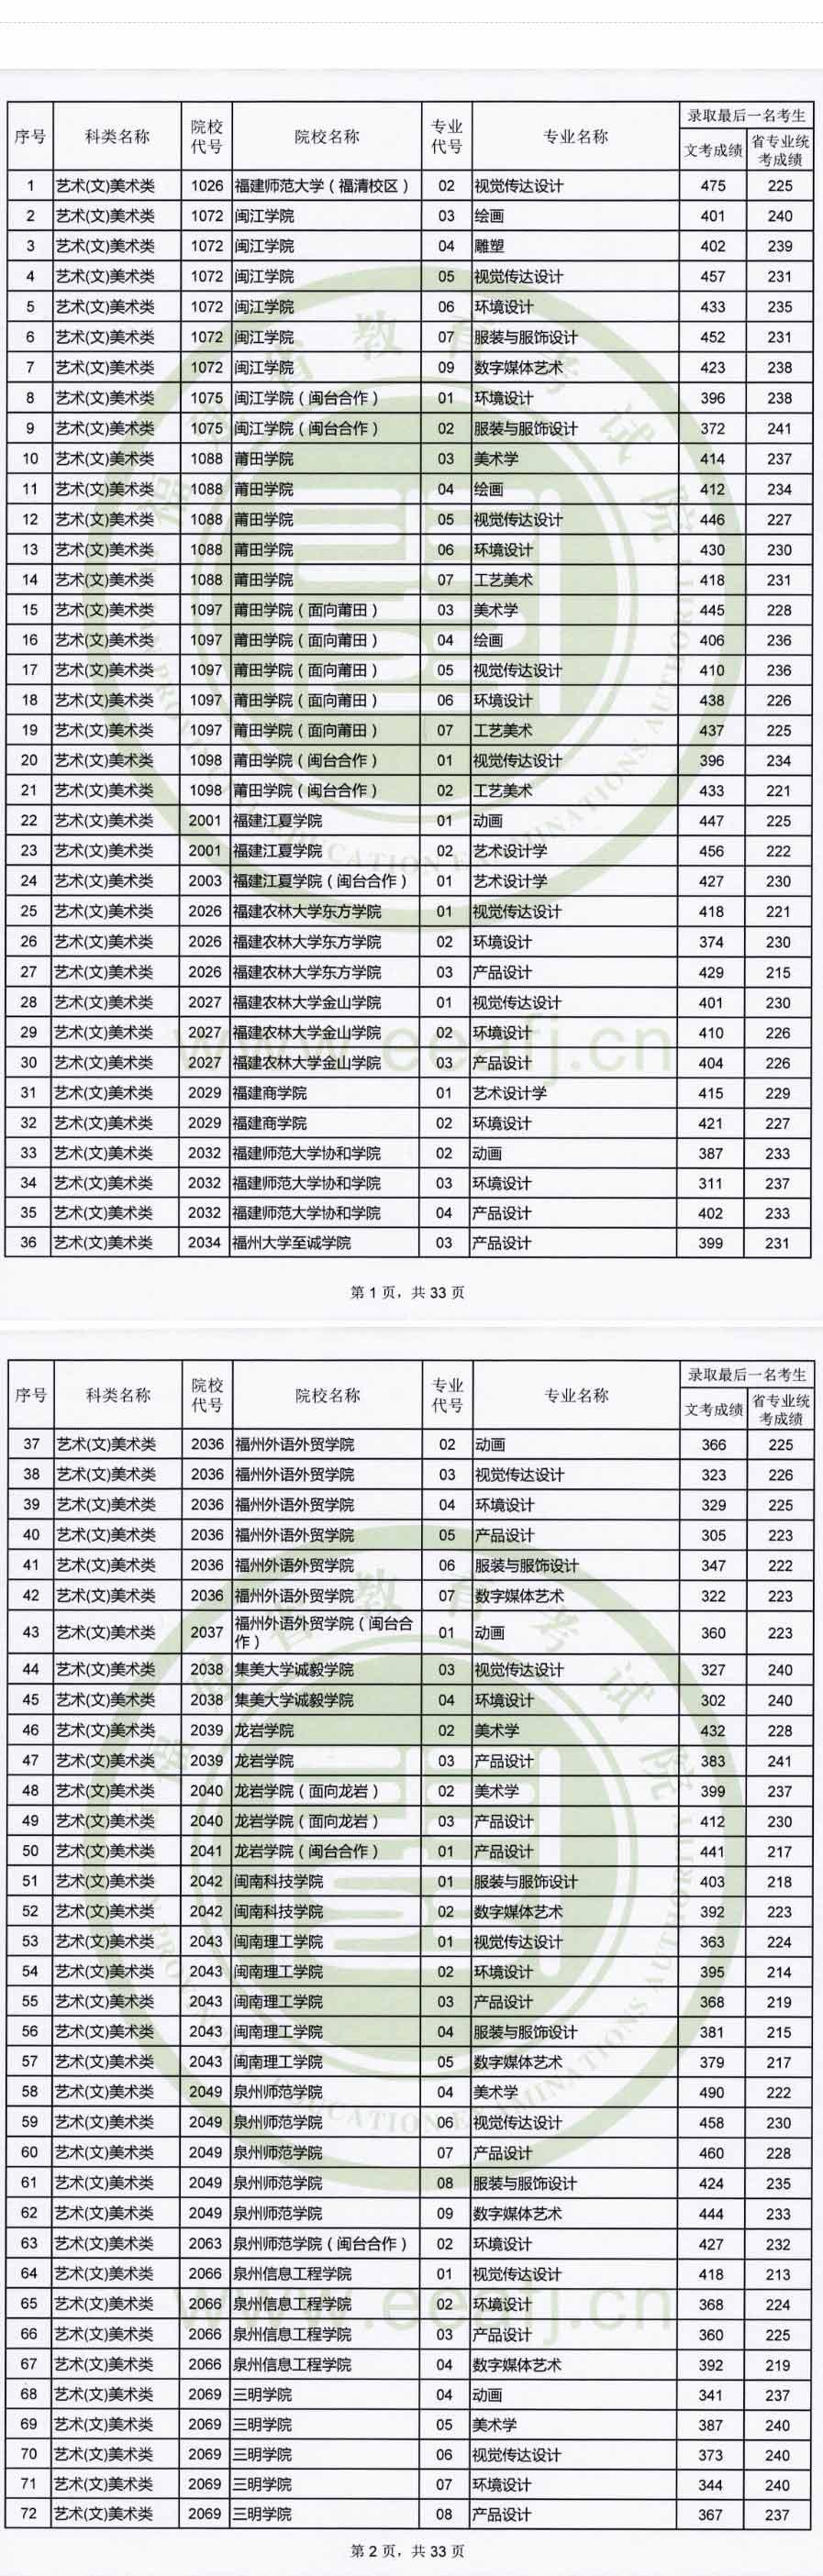 2019年艺术本科B批各专业录取最后一名考生成绩信息--公示公告--福建省教育考试院_01.jpg